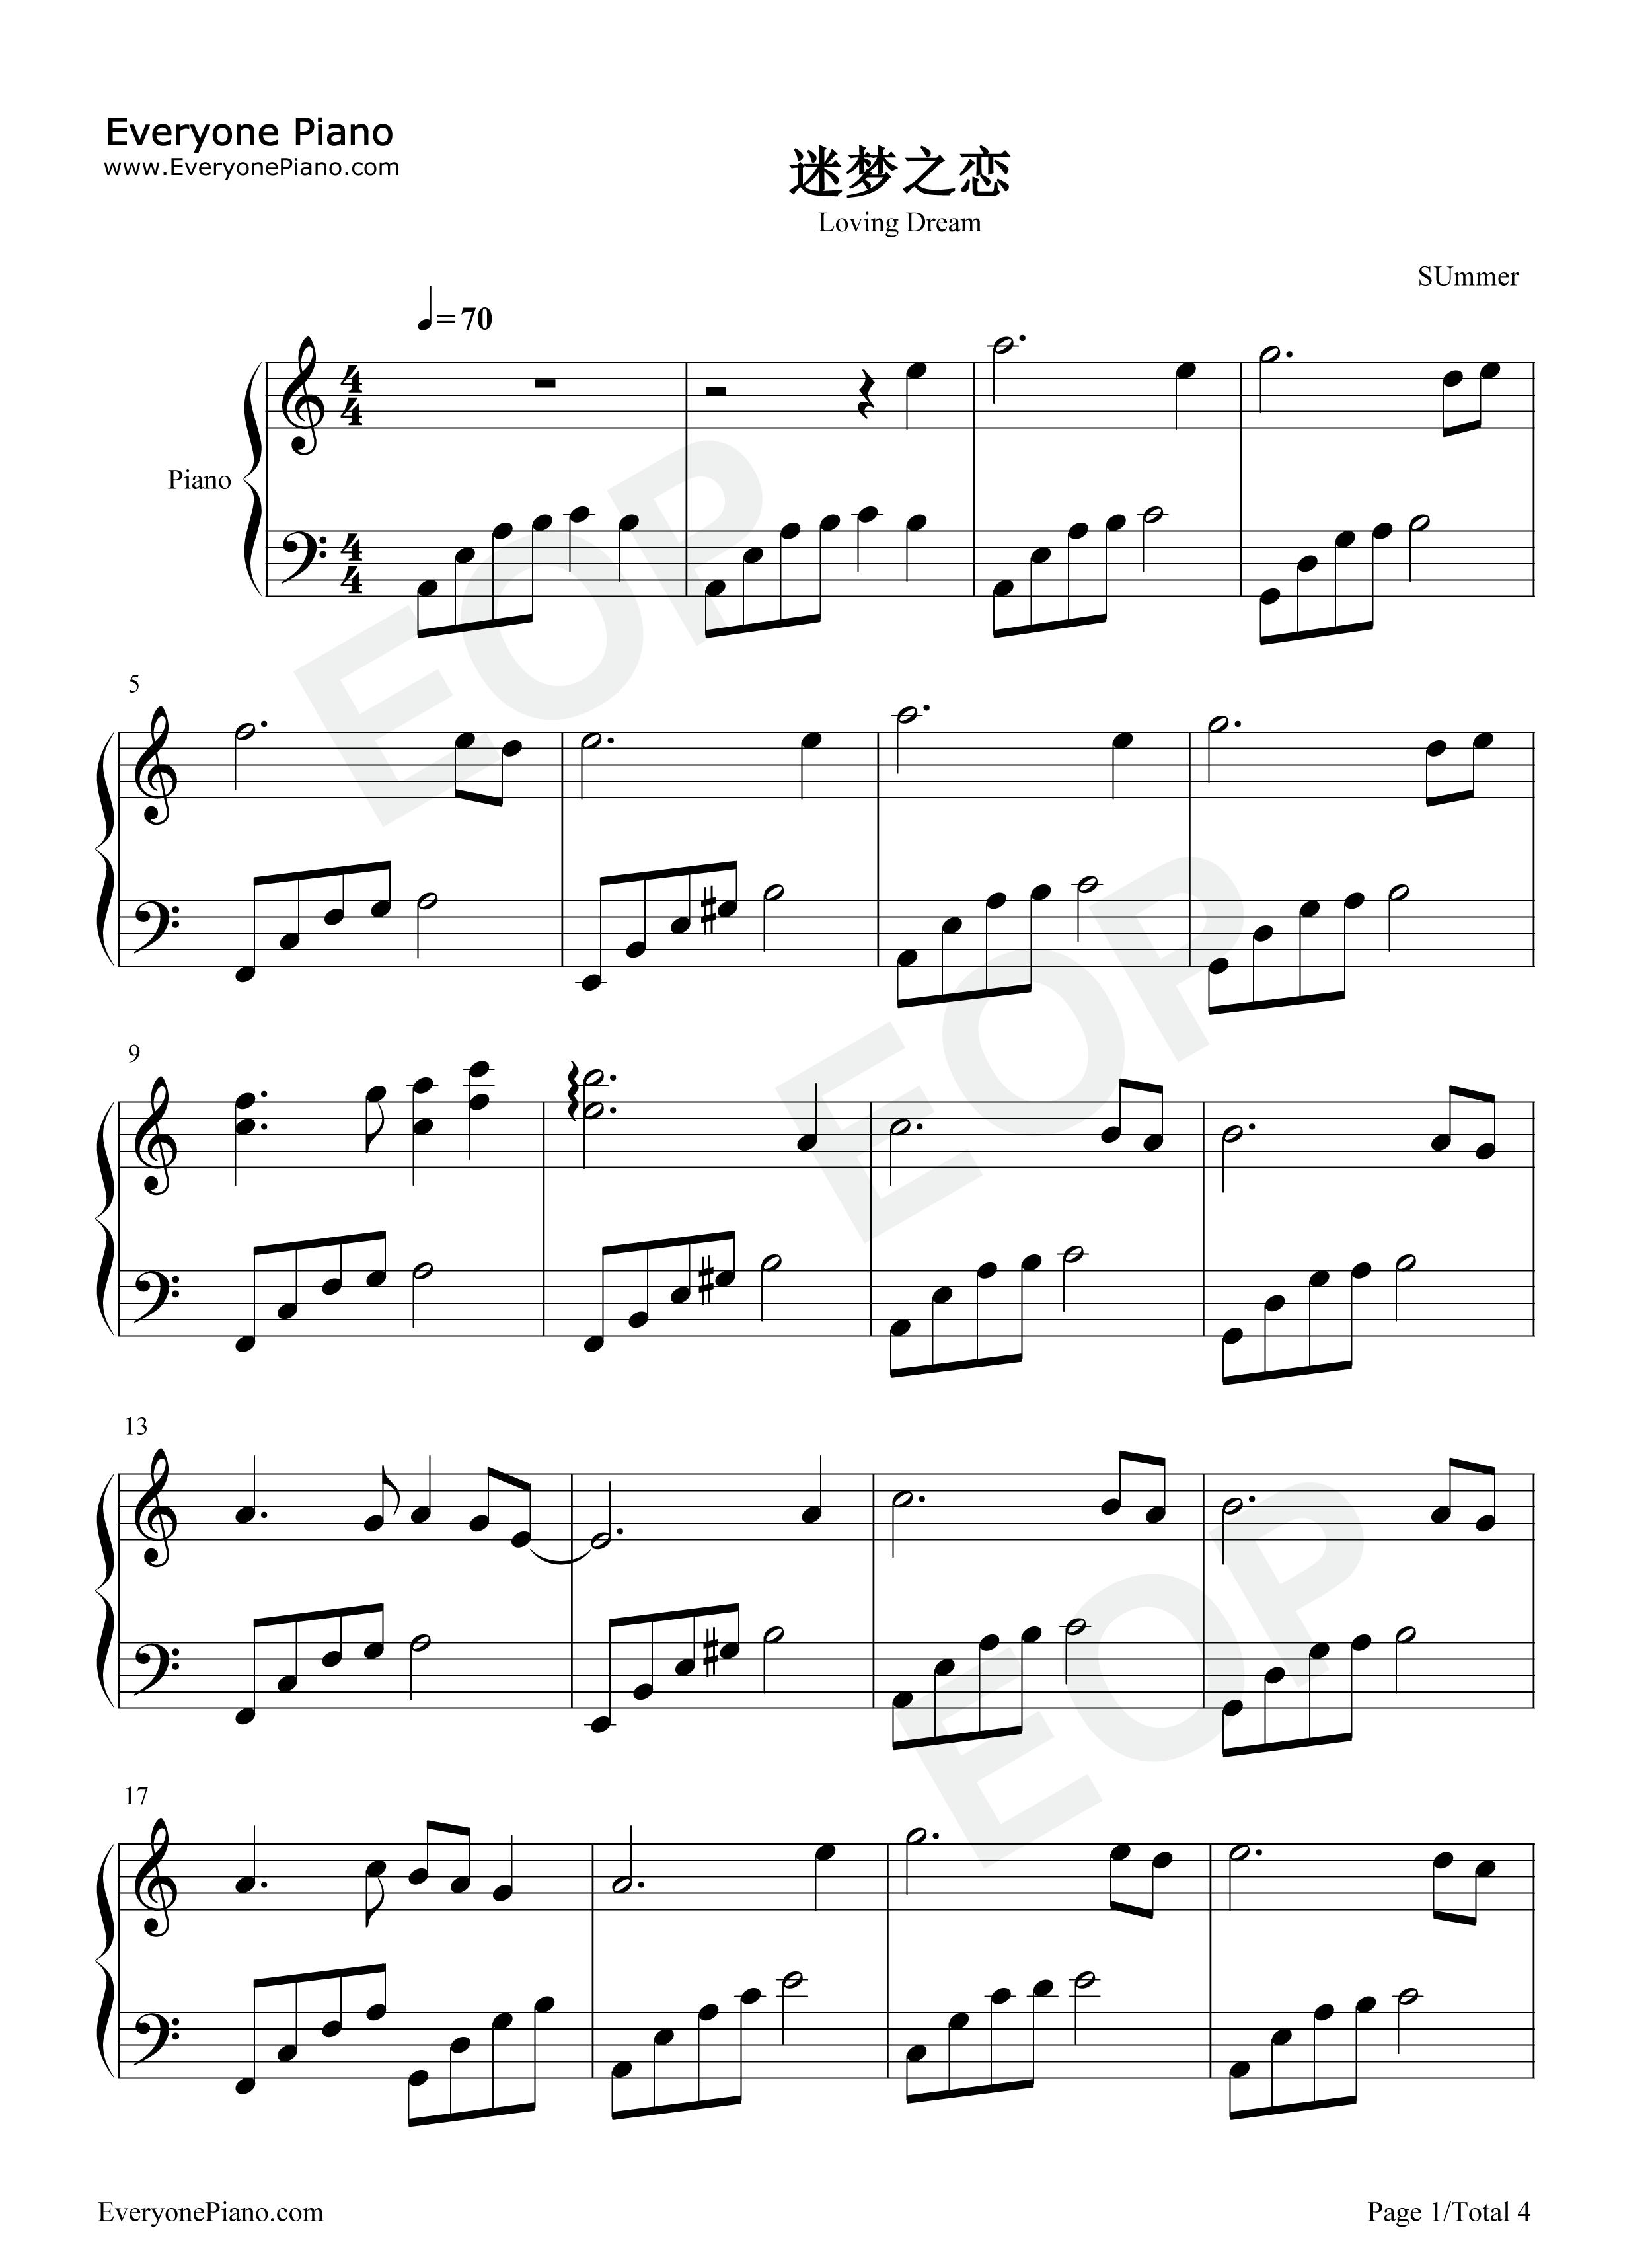 一些好听的钢琴曲,不出名的也可以梦中的婚礼水边的阿狄丽娜星空卡农